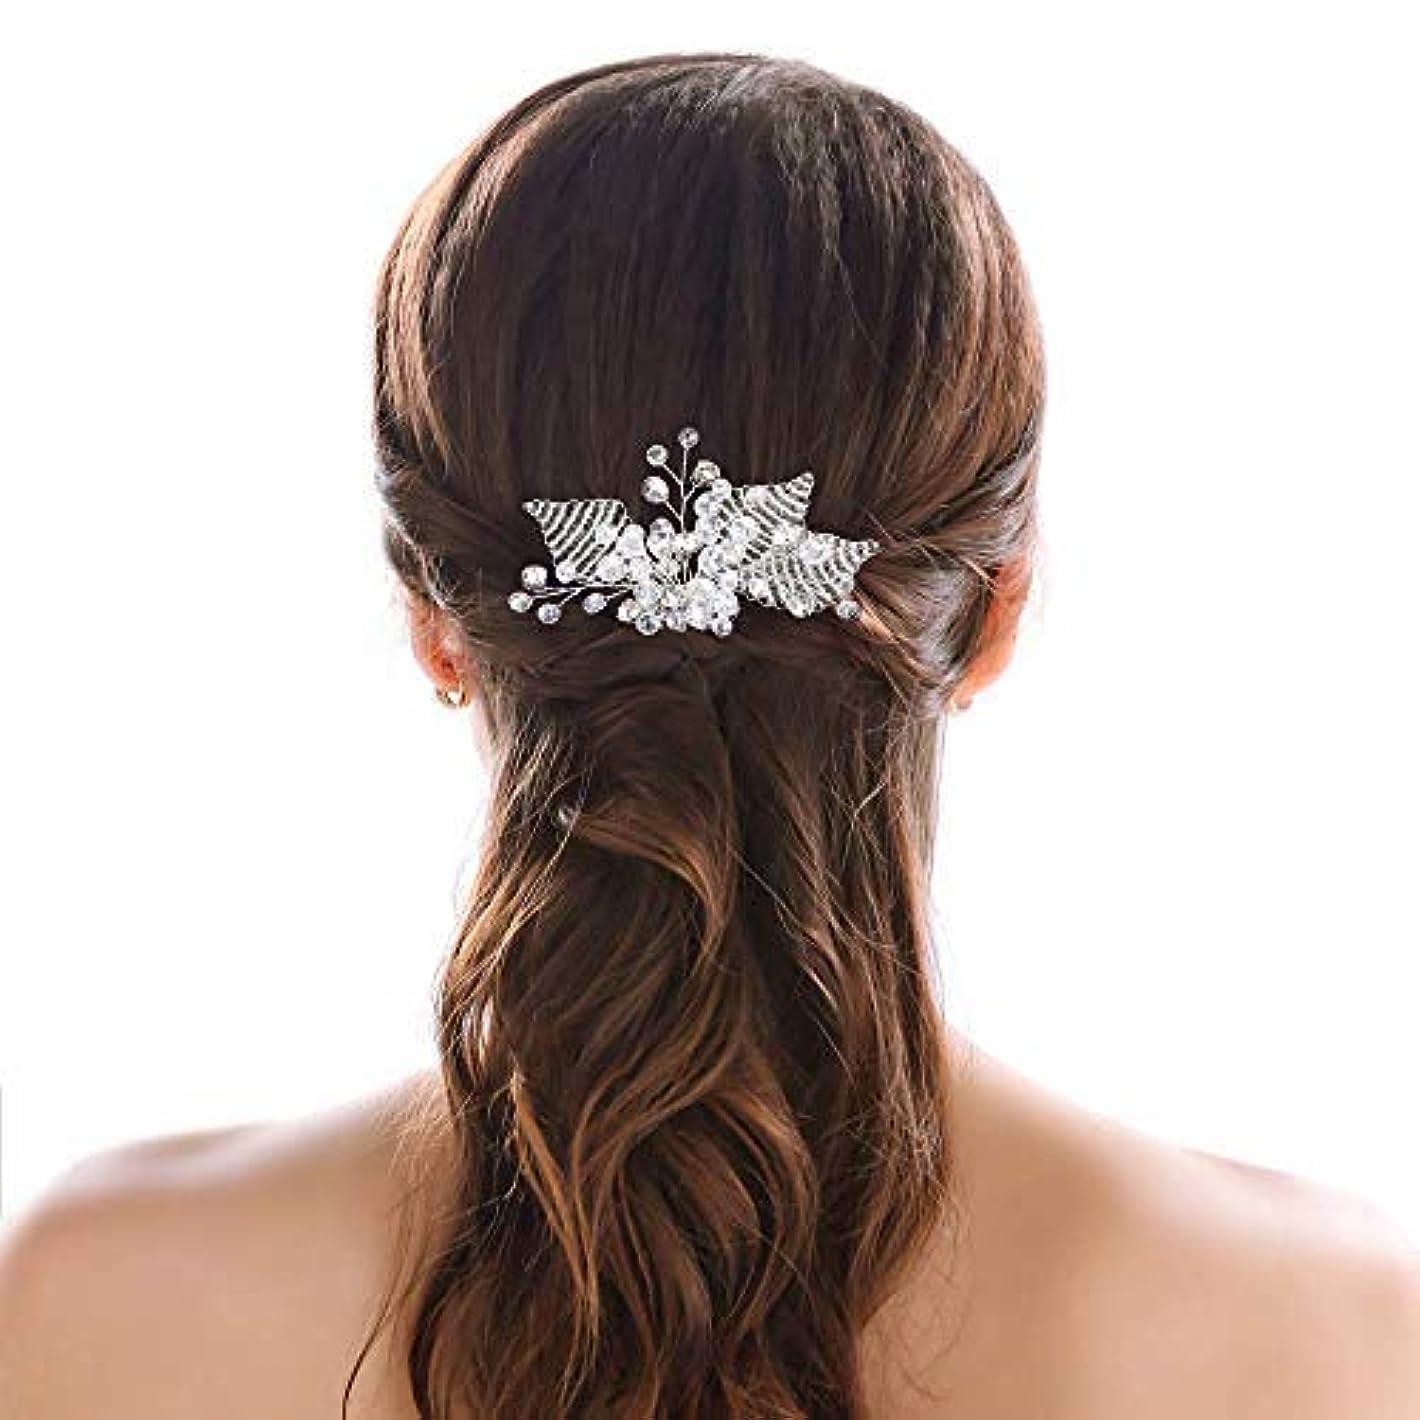 転送国旗かもめJovono Bride Wedding Hair Comb Bridal Headpieces Beaded Rhinestone Hair Accessories for Women and Girls (Silver...